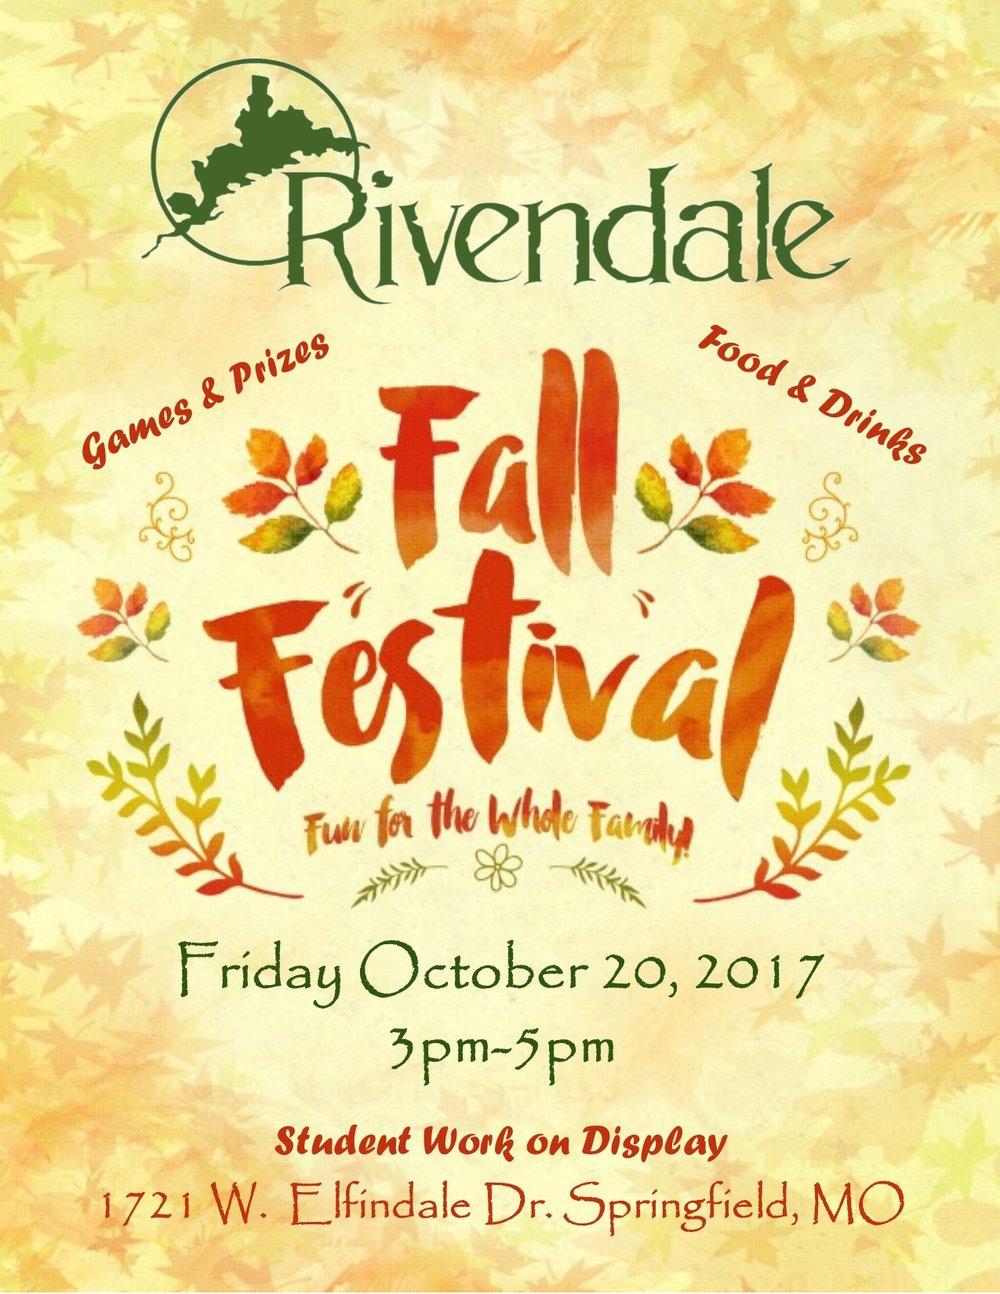 fall festival flyer 2017.jpg